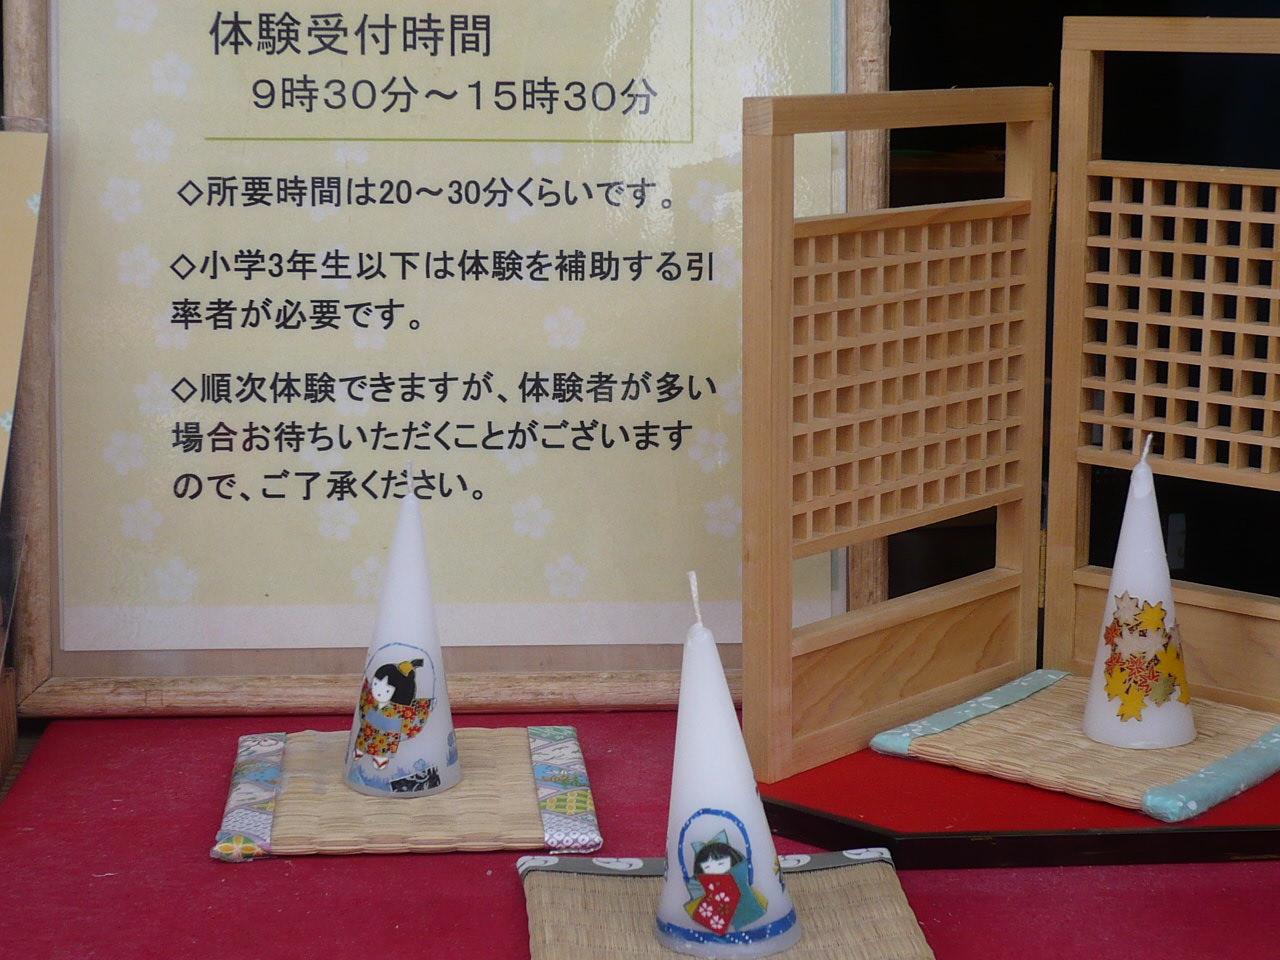 【速報】 『房総のむら』秋祭り情報_f0193752_193047100.jpg